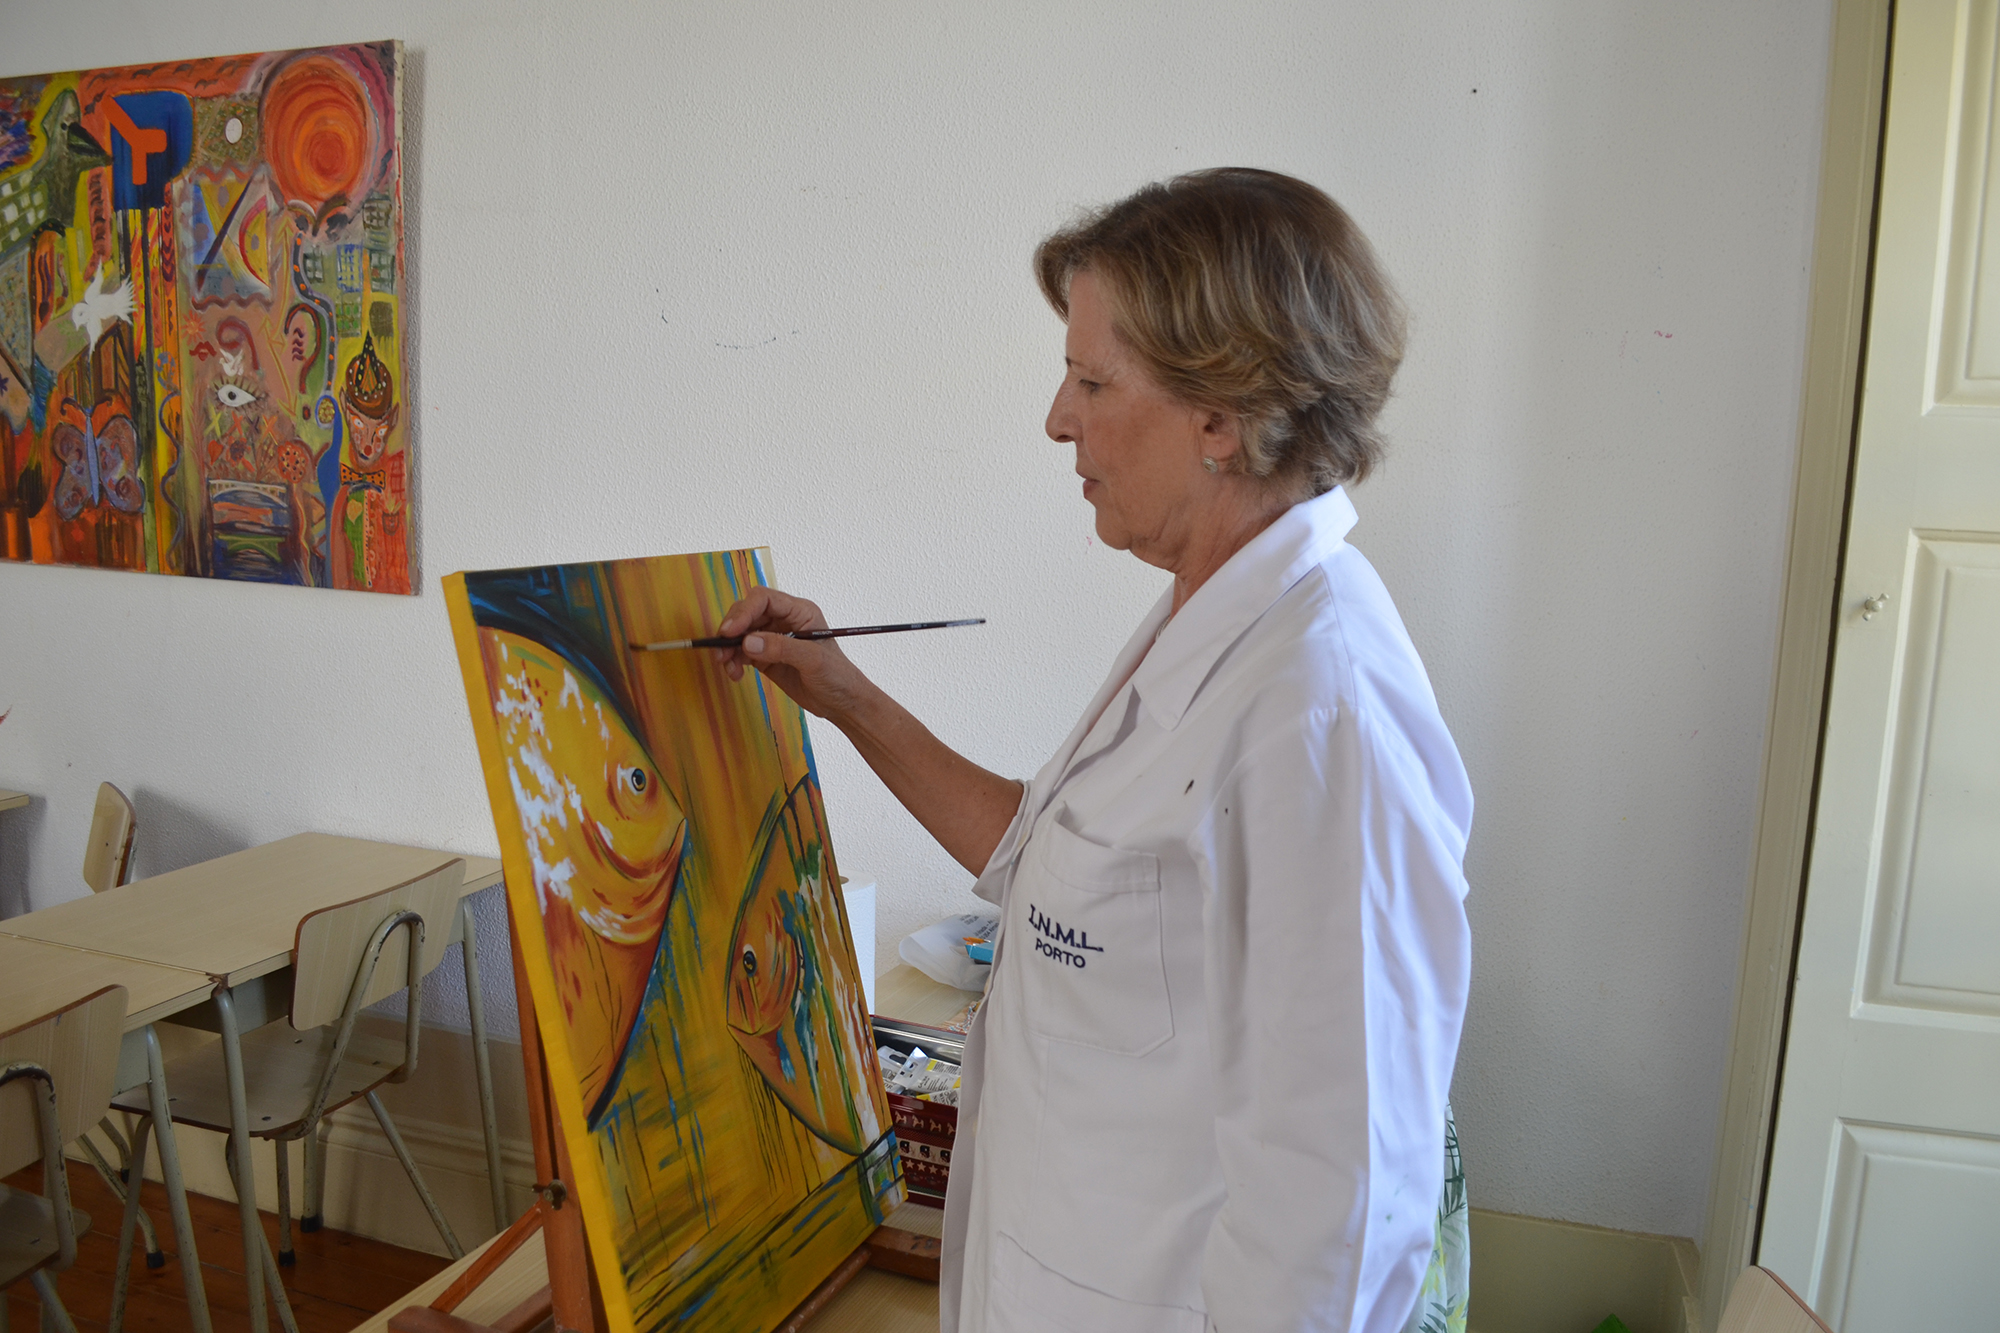 Aos 67 anos, Maria de Fátima Pinheiro, antiga técnica superior de saúde, admite que pintar é uma paixão.